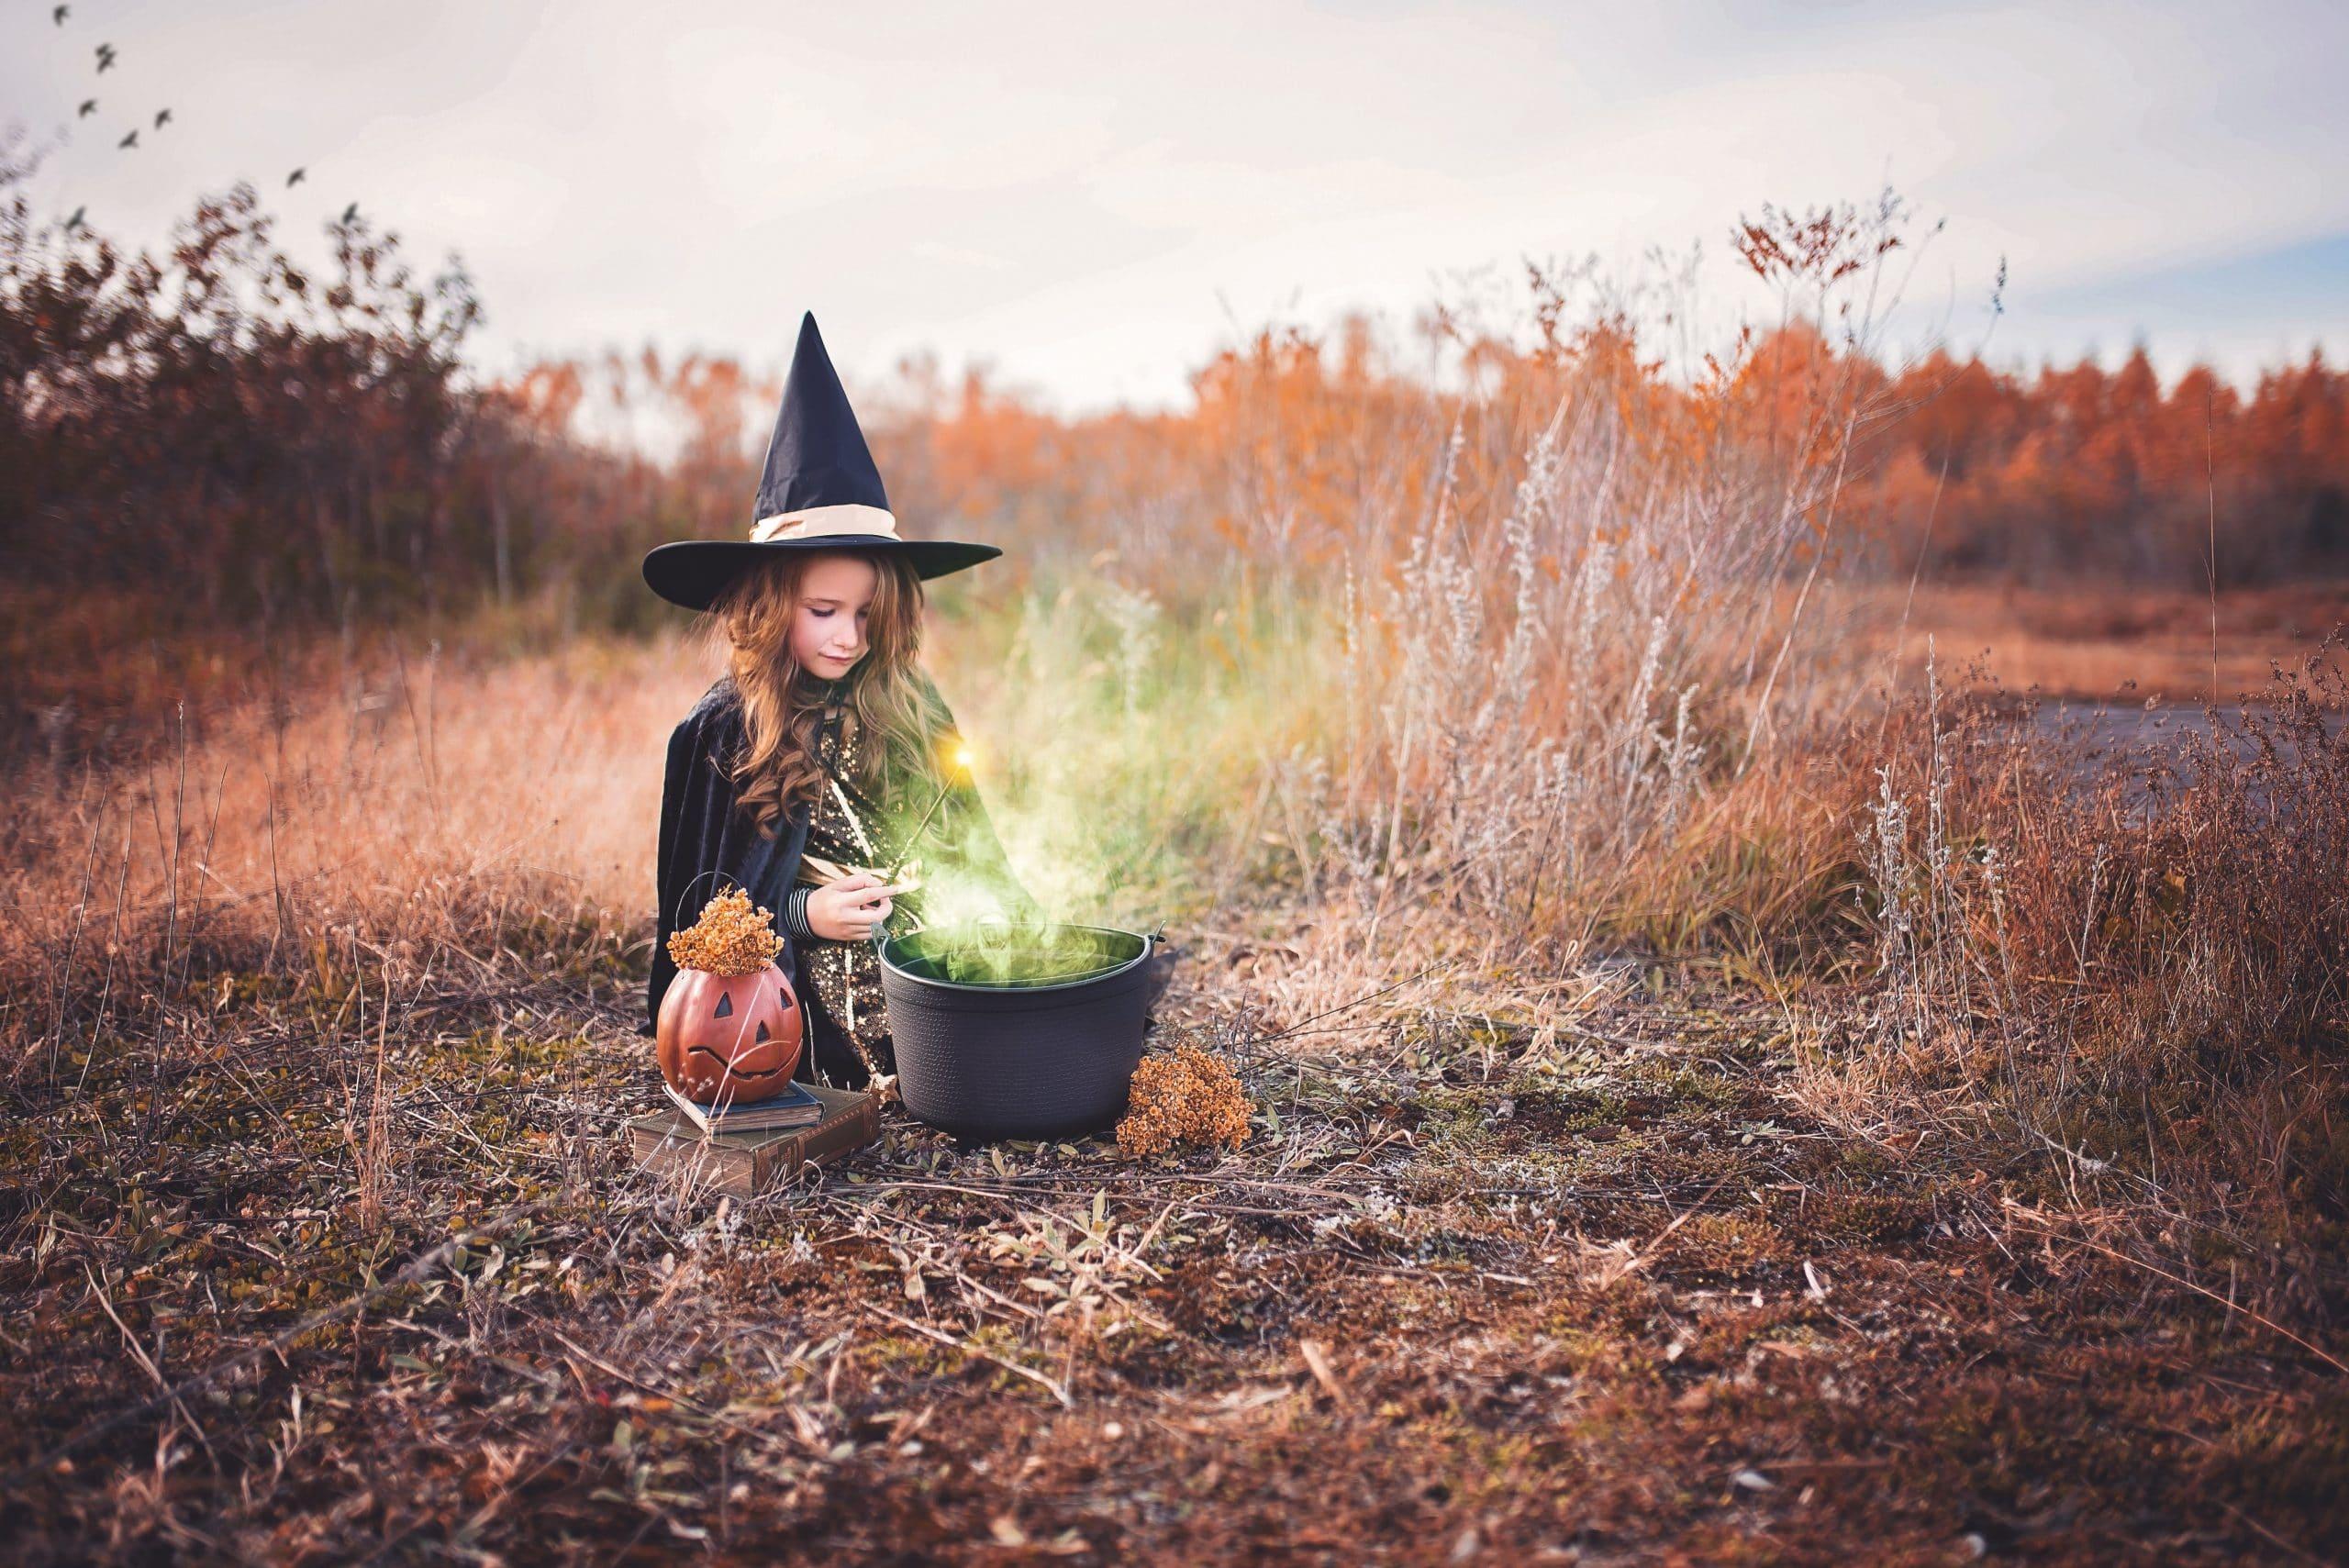 Criança vestida de bruxa com caldeirão saindo fumaça